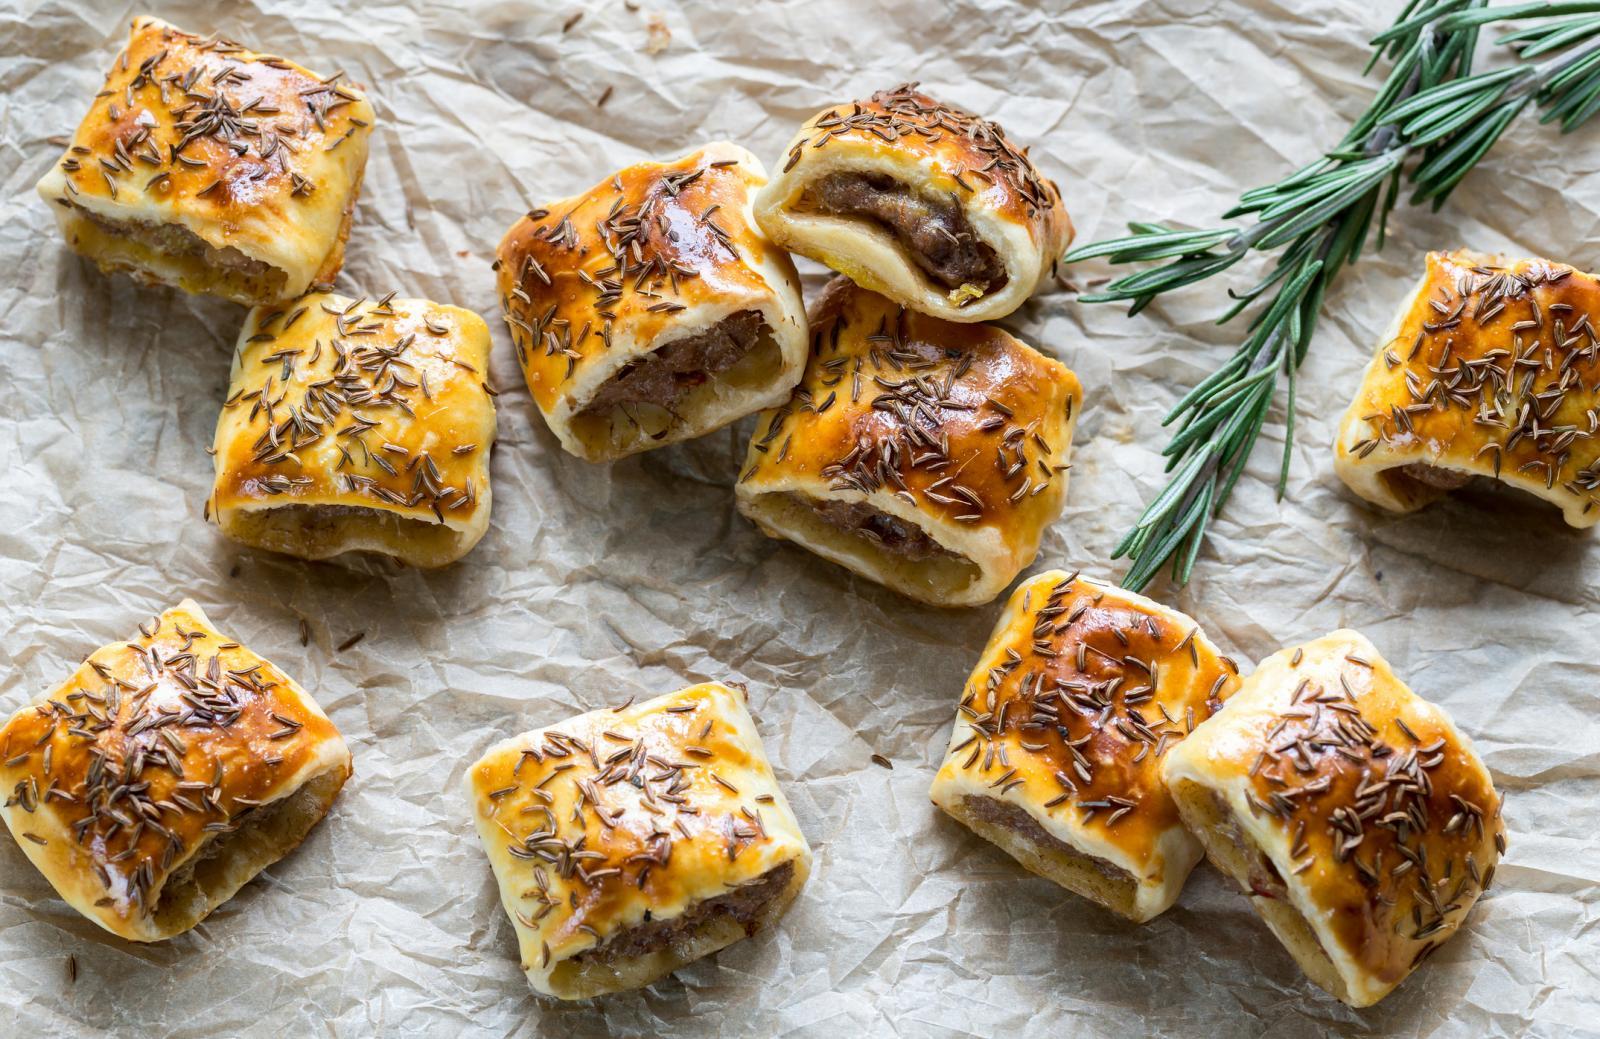 Ovaj će začin, uz sve navedeno, dati i odličnu aromu vašem domaćem kruhu ili kiflicama.